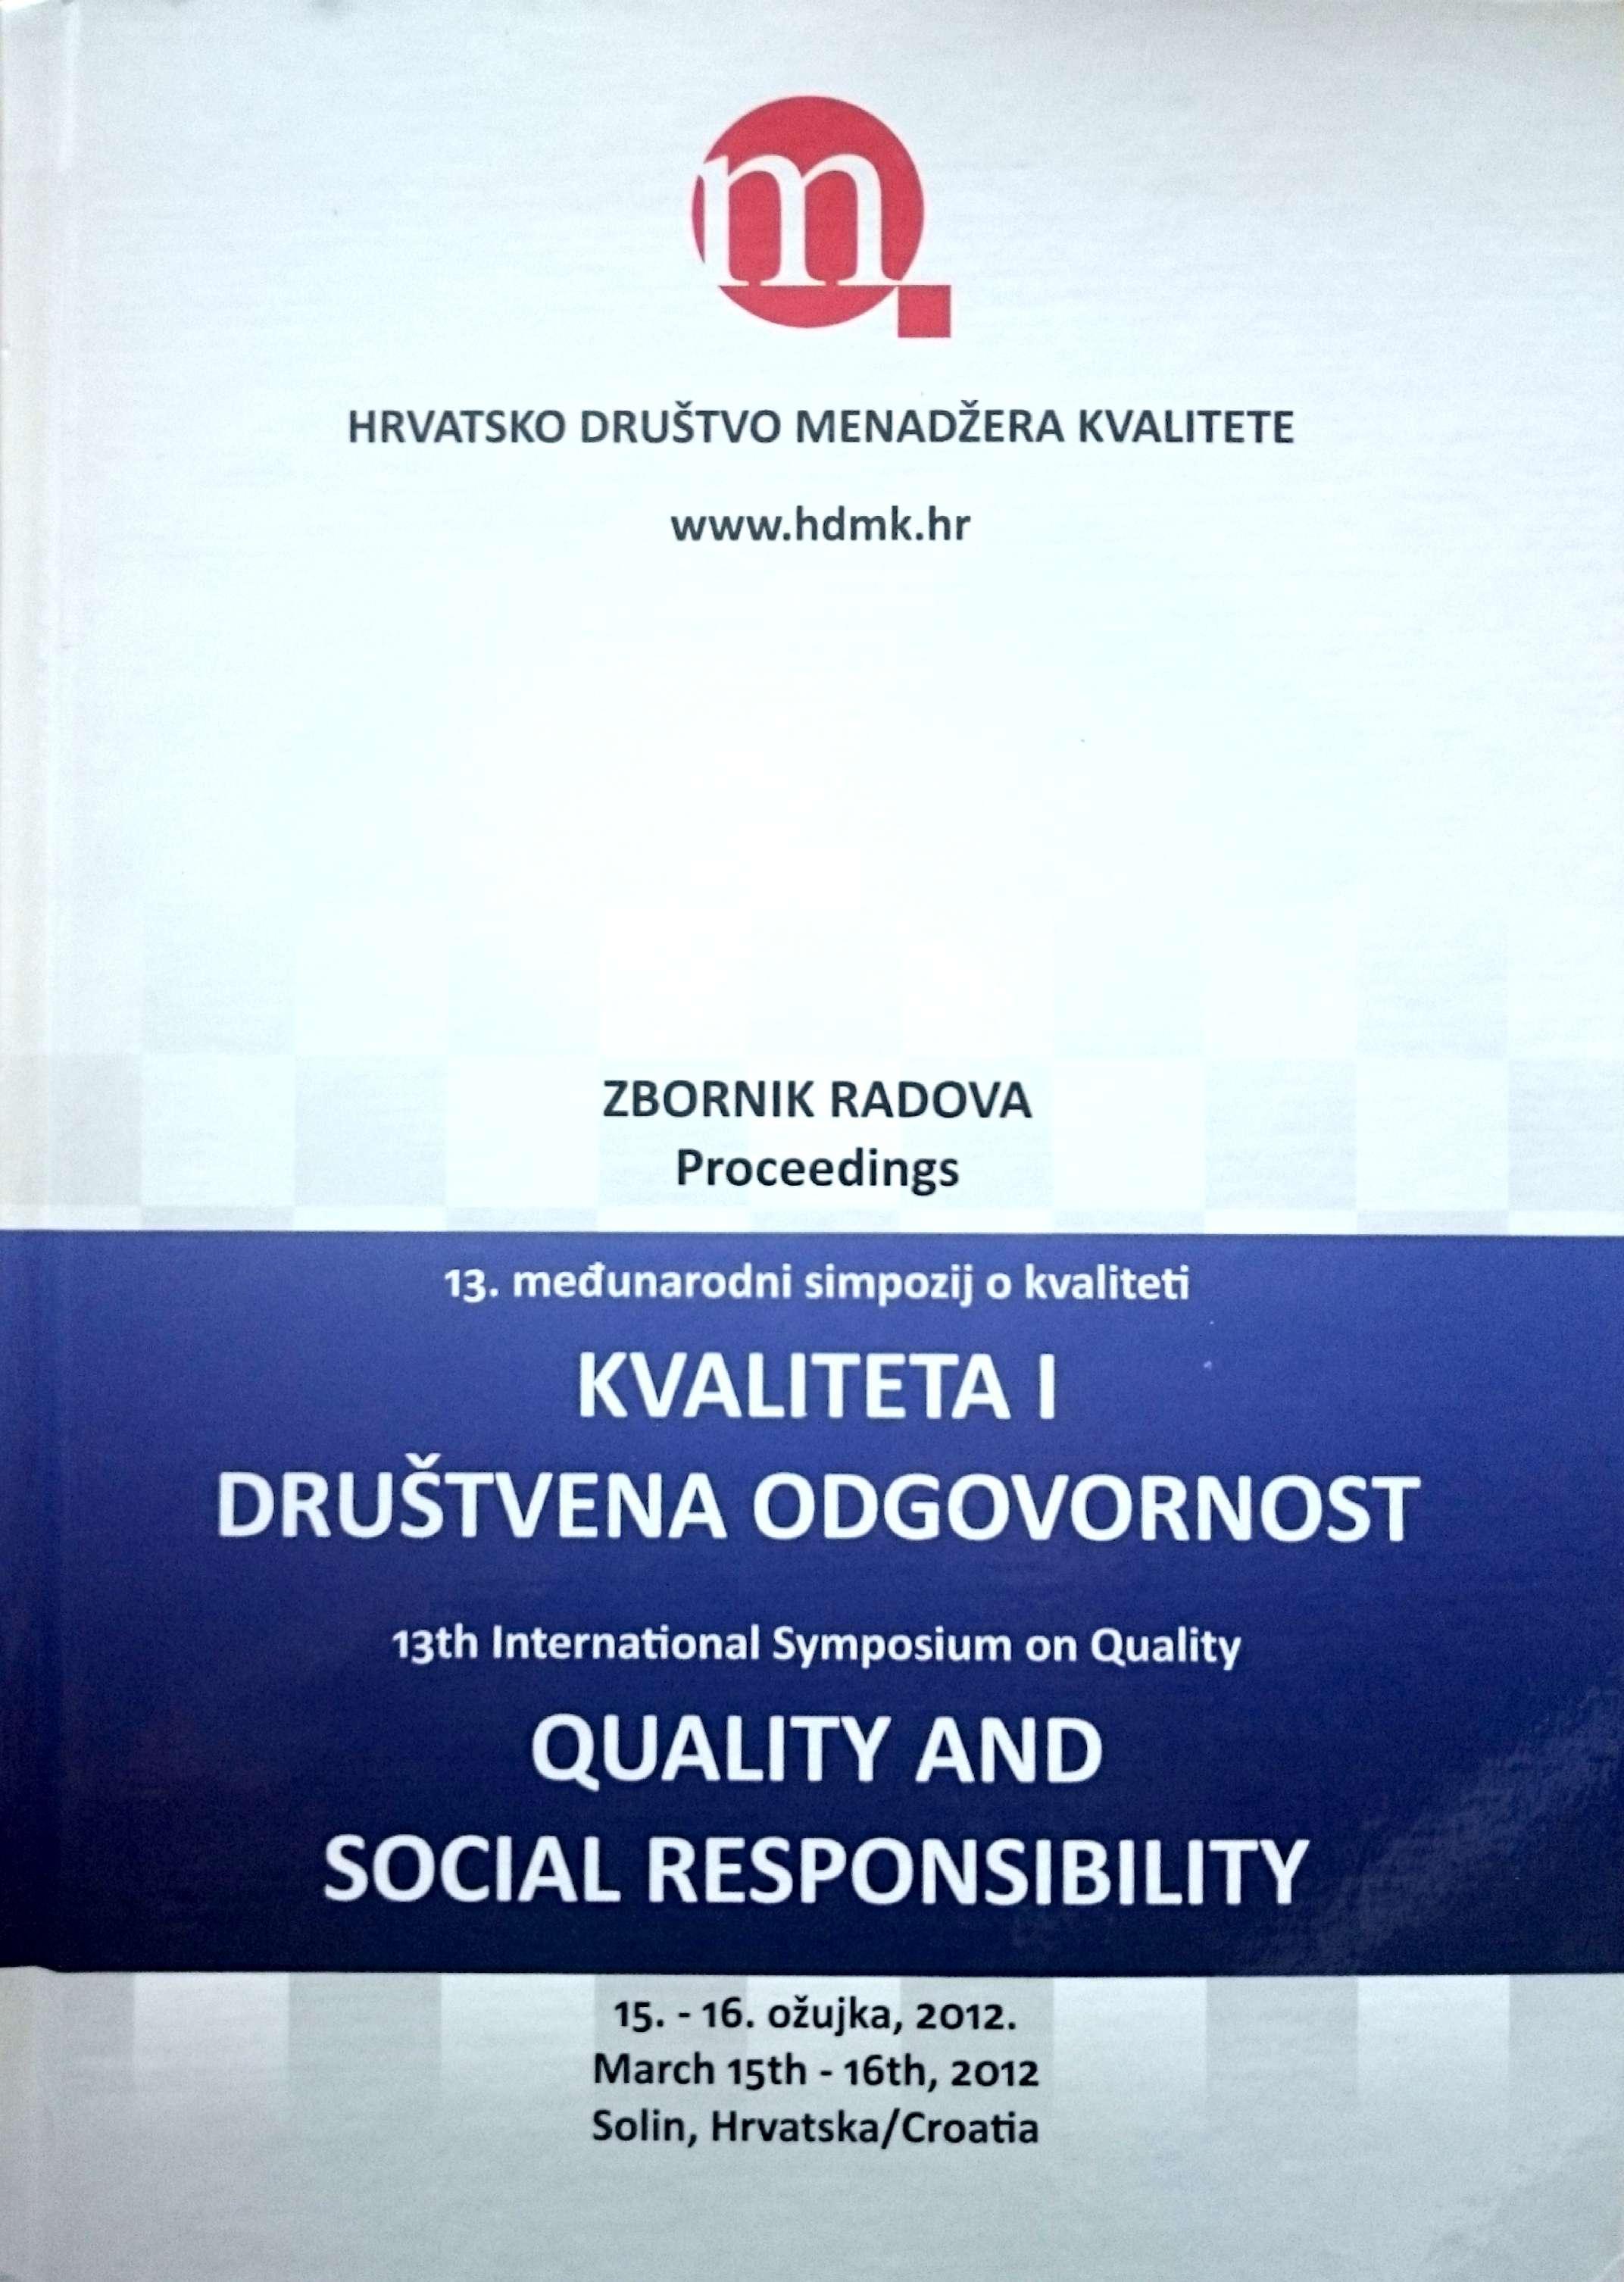 KVALITETA I DRUŠTVENA ODGOVORNOST, zbornik radova - Naruči svoju knjigu